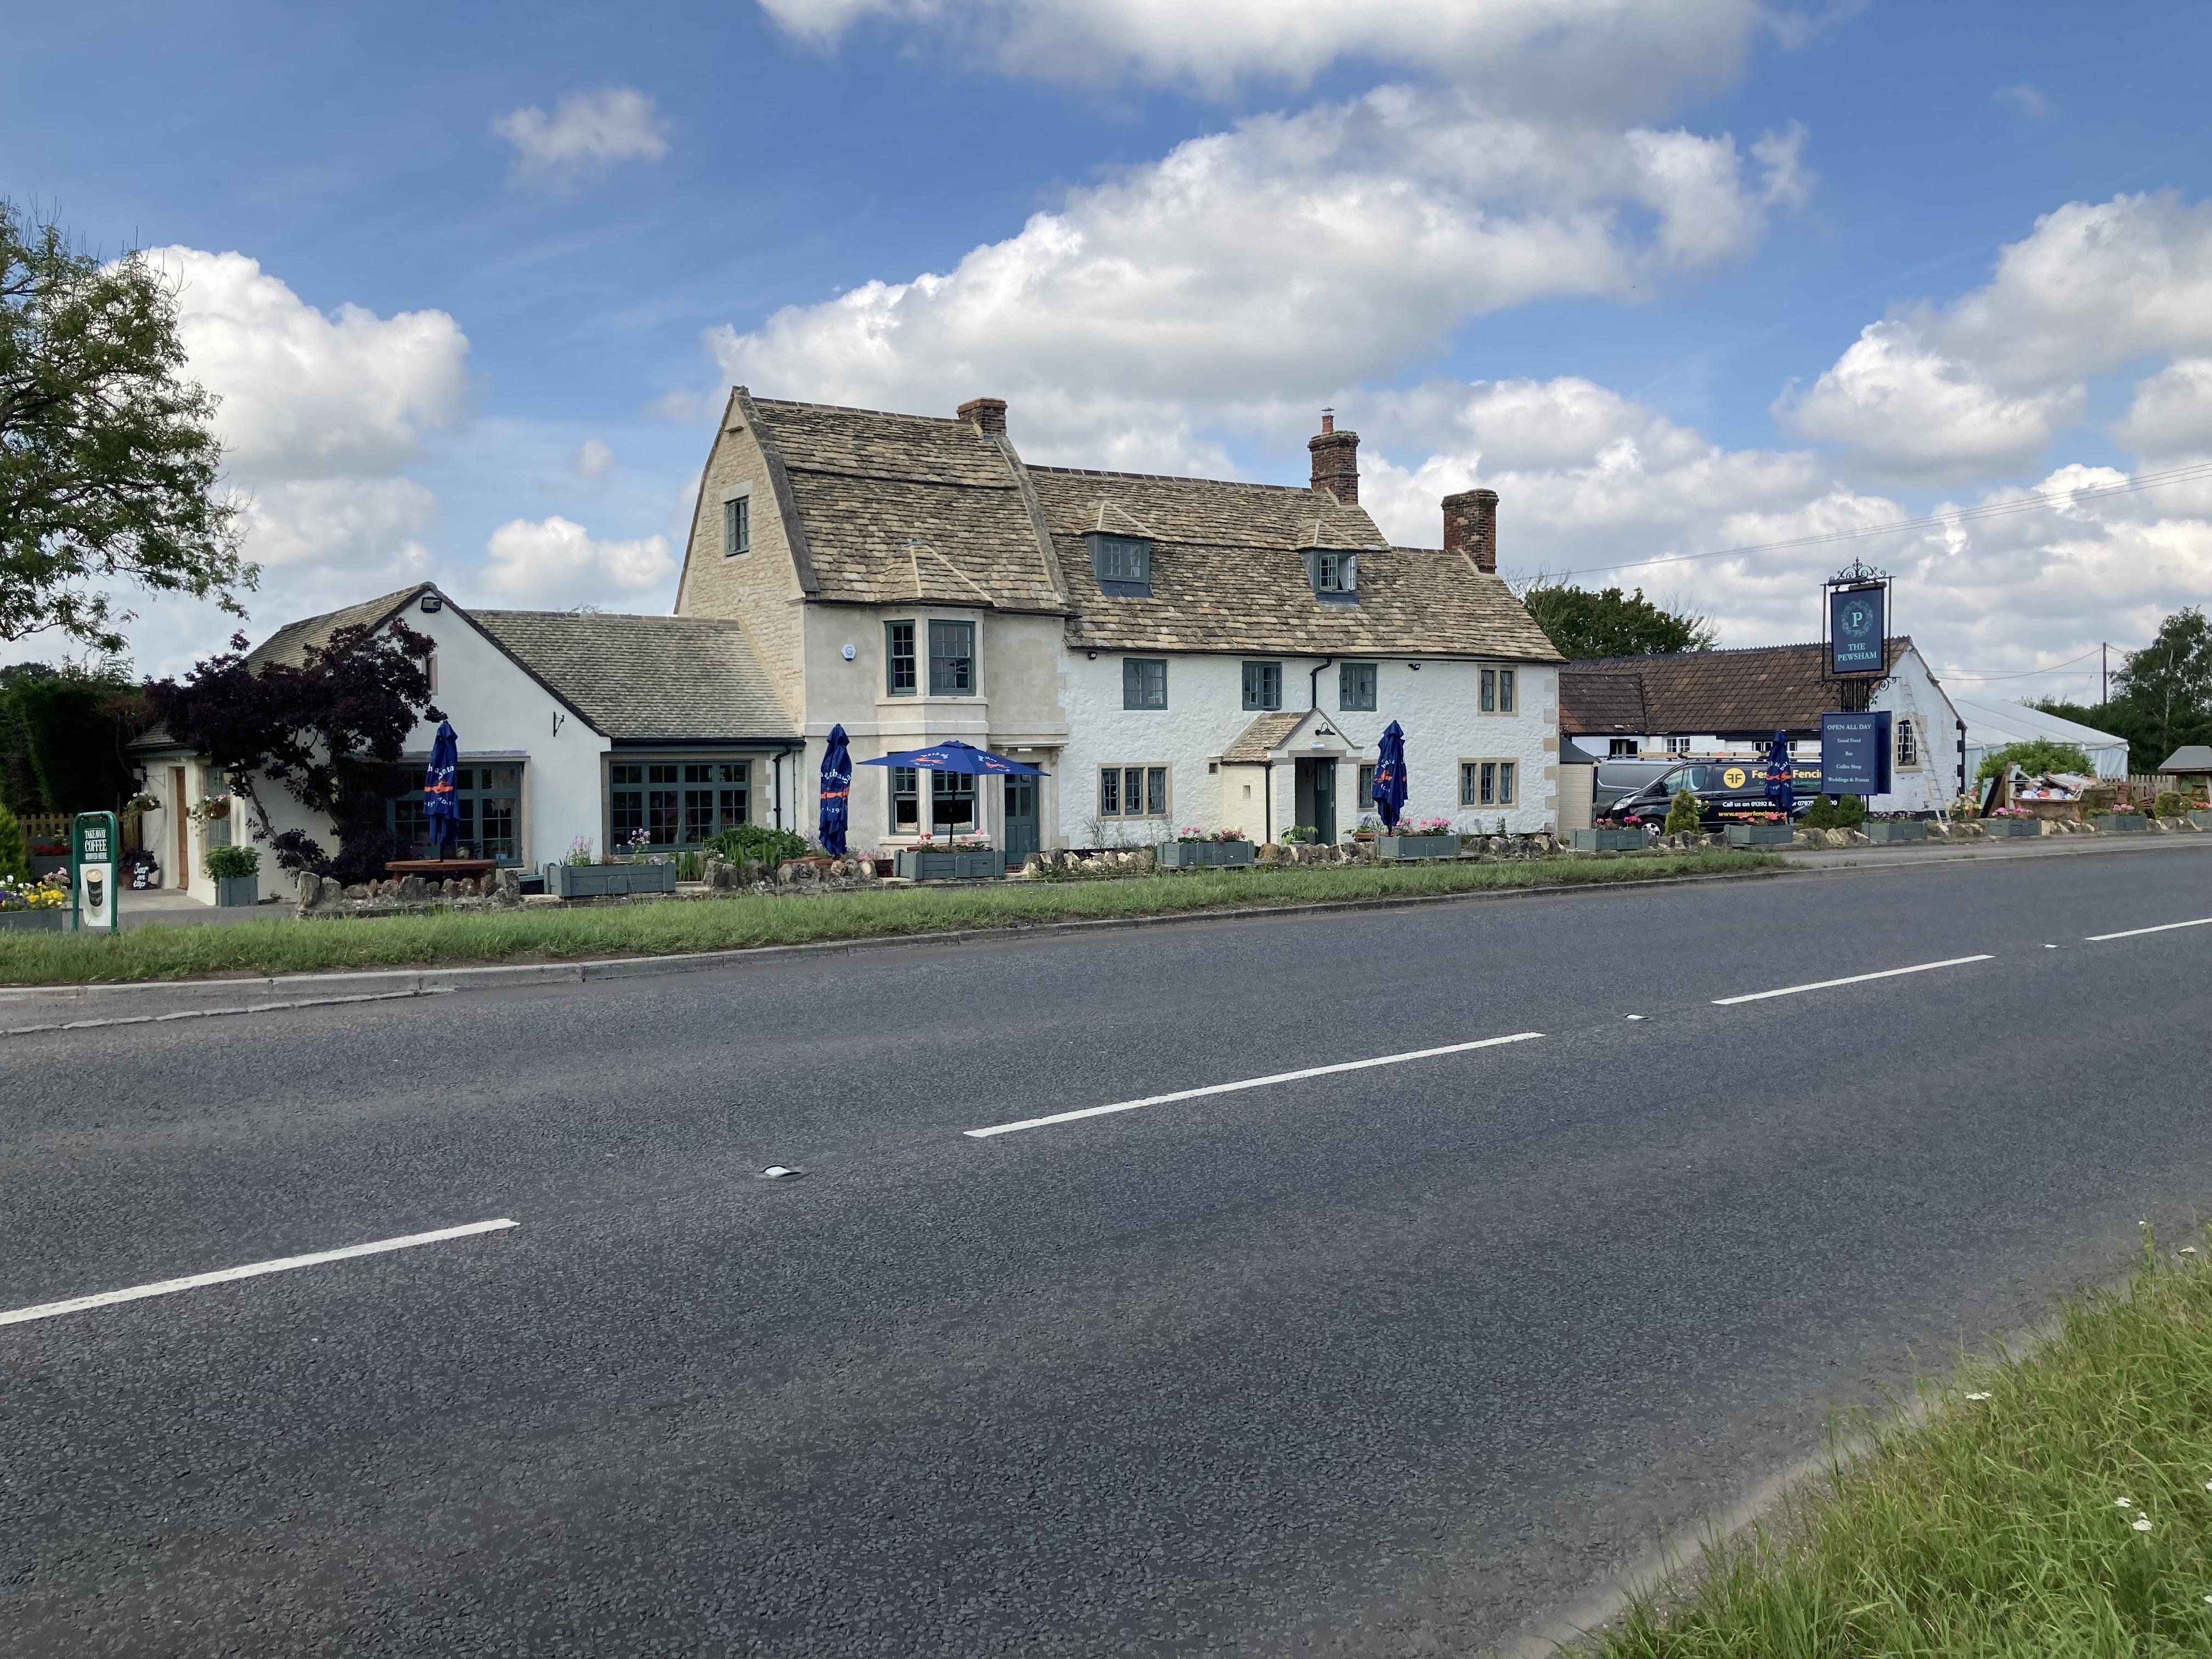 The Pewsham